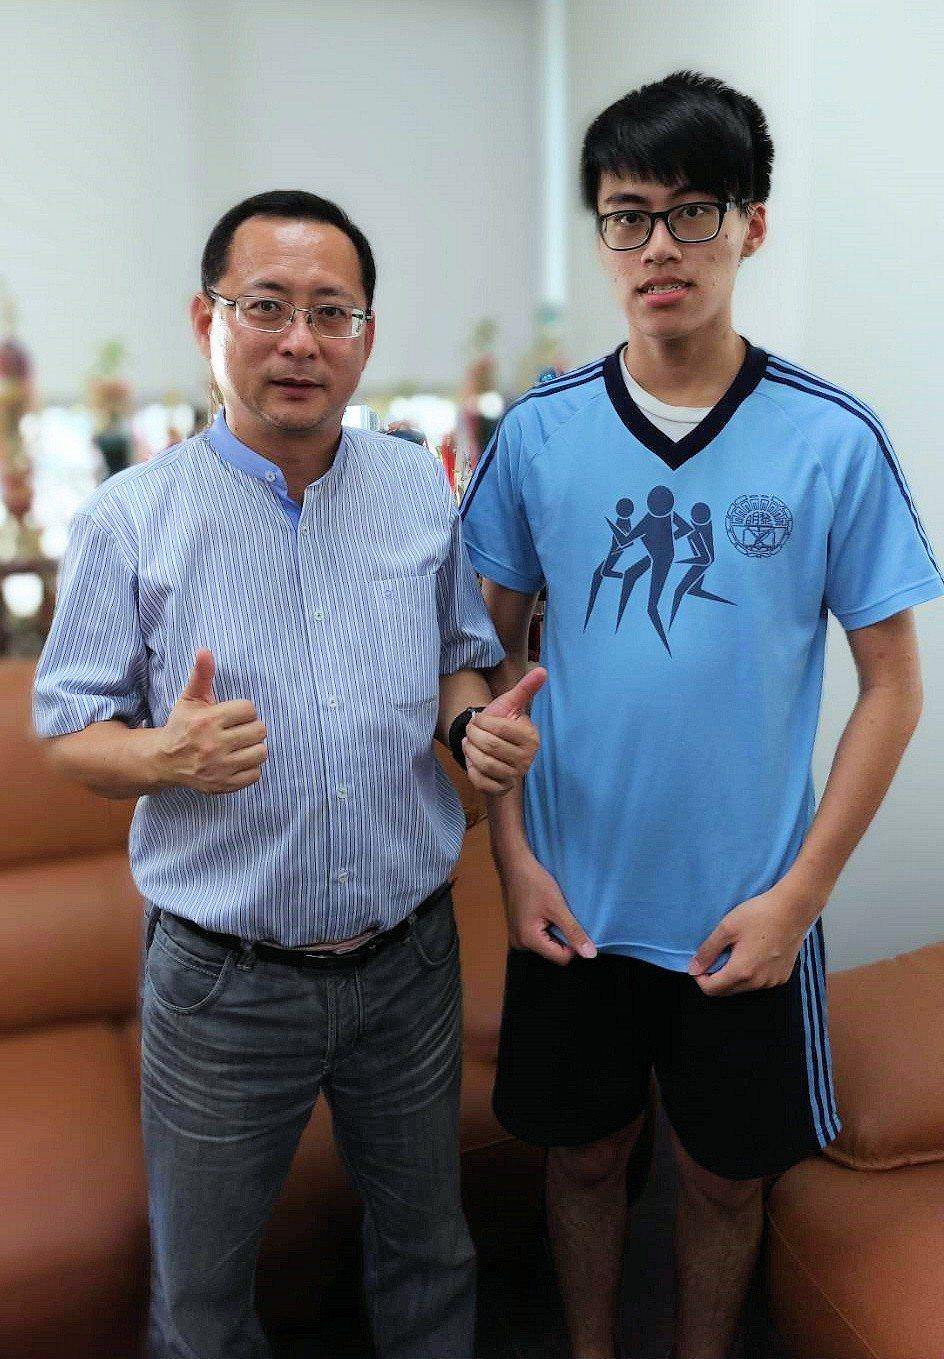 照顧癌父苦讀上交大電機,姜林建宇錄取交通大學電機資訊甲組。圖/學校提供